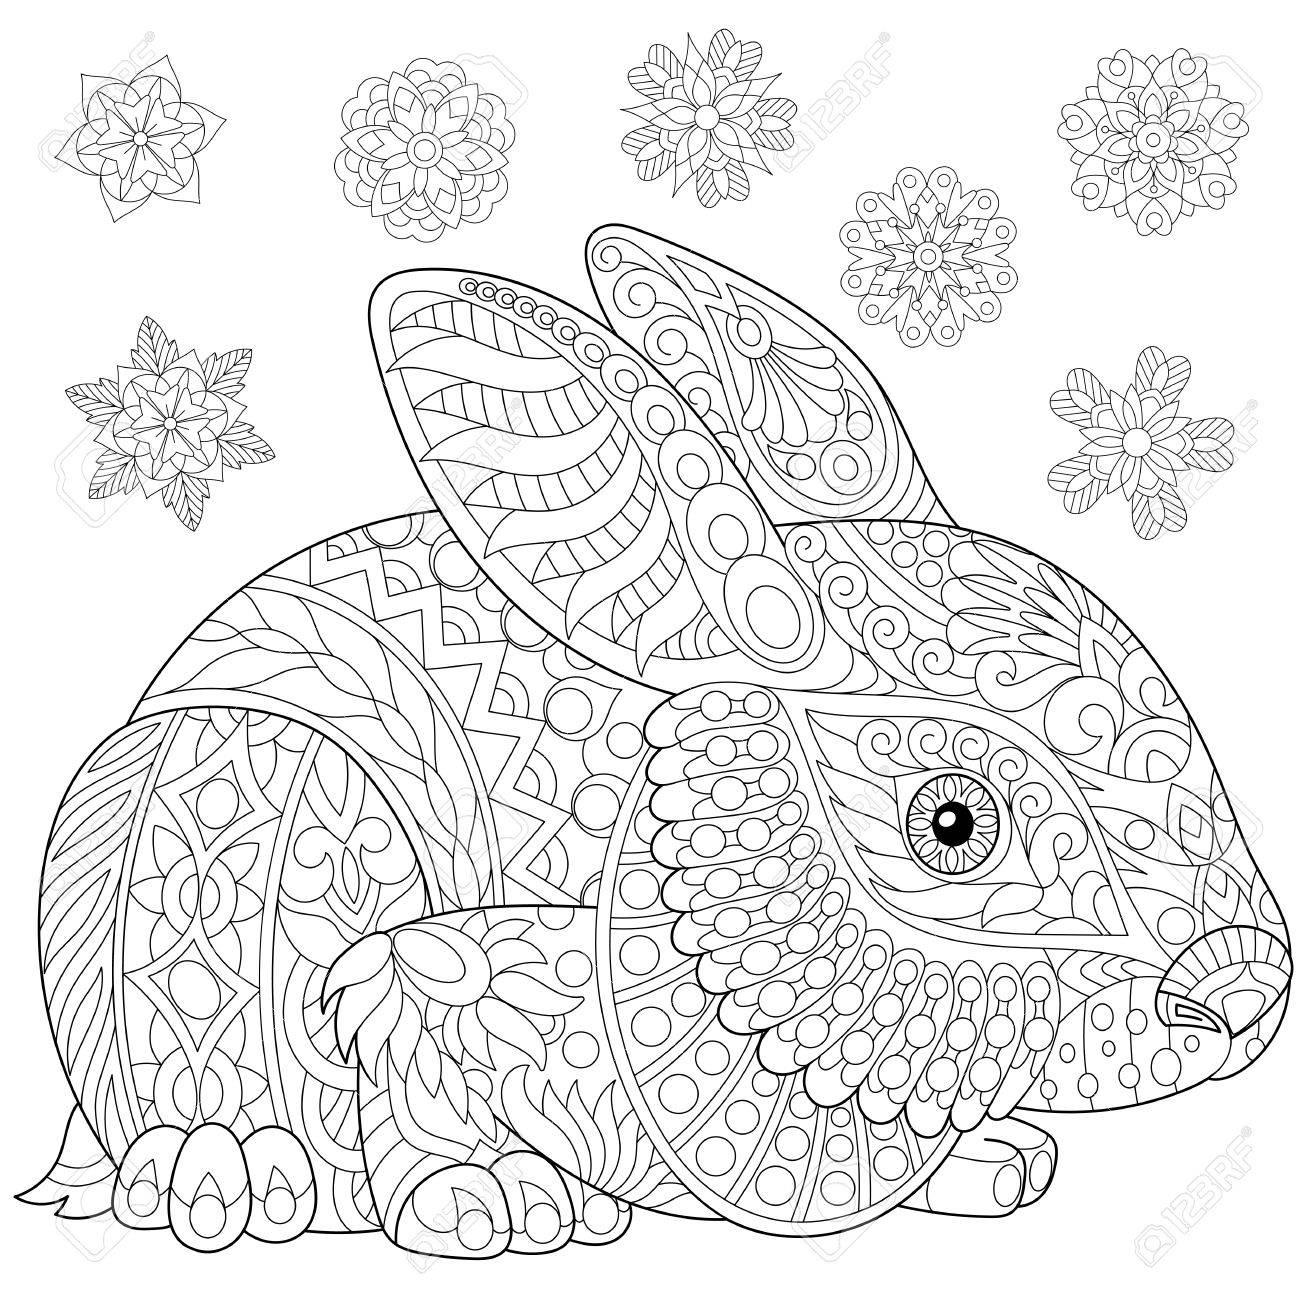 Página Para Colorear De Conejo Conejito Y Copos De Nieve De Invierno Dibujo A Mano Alzada Para Libro De Colorear Antiestrés Para Adultos En Estilo